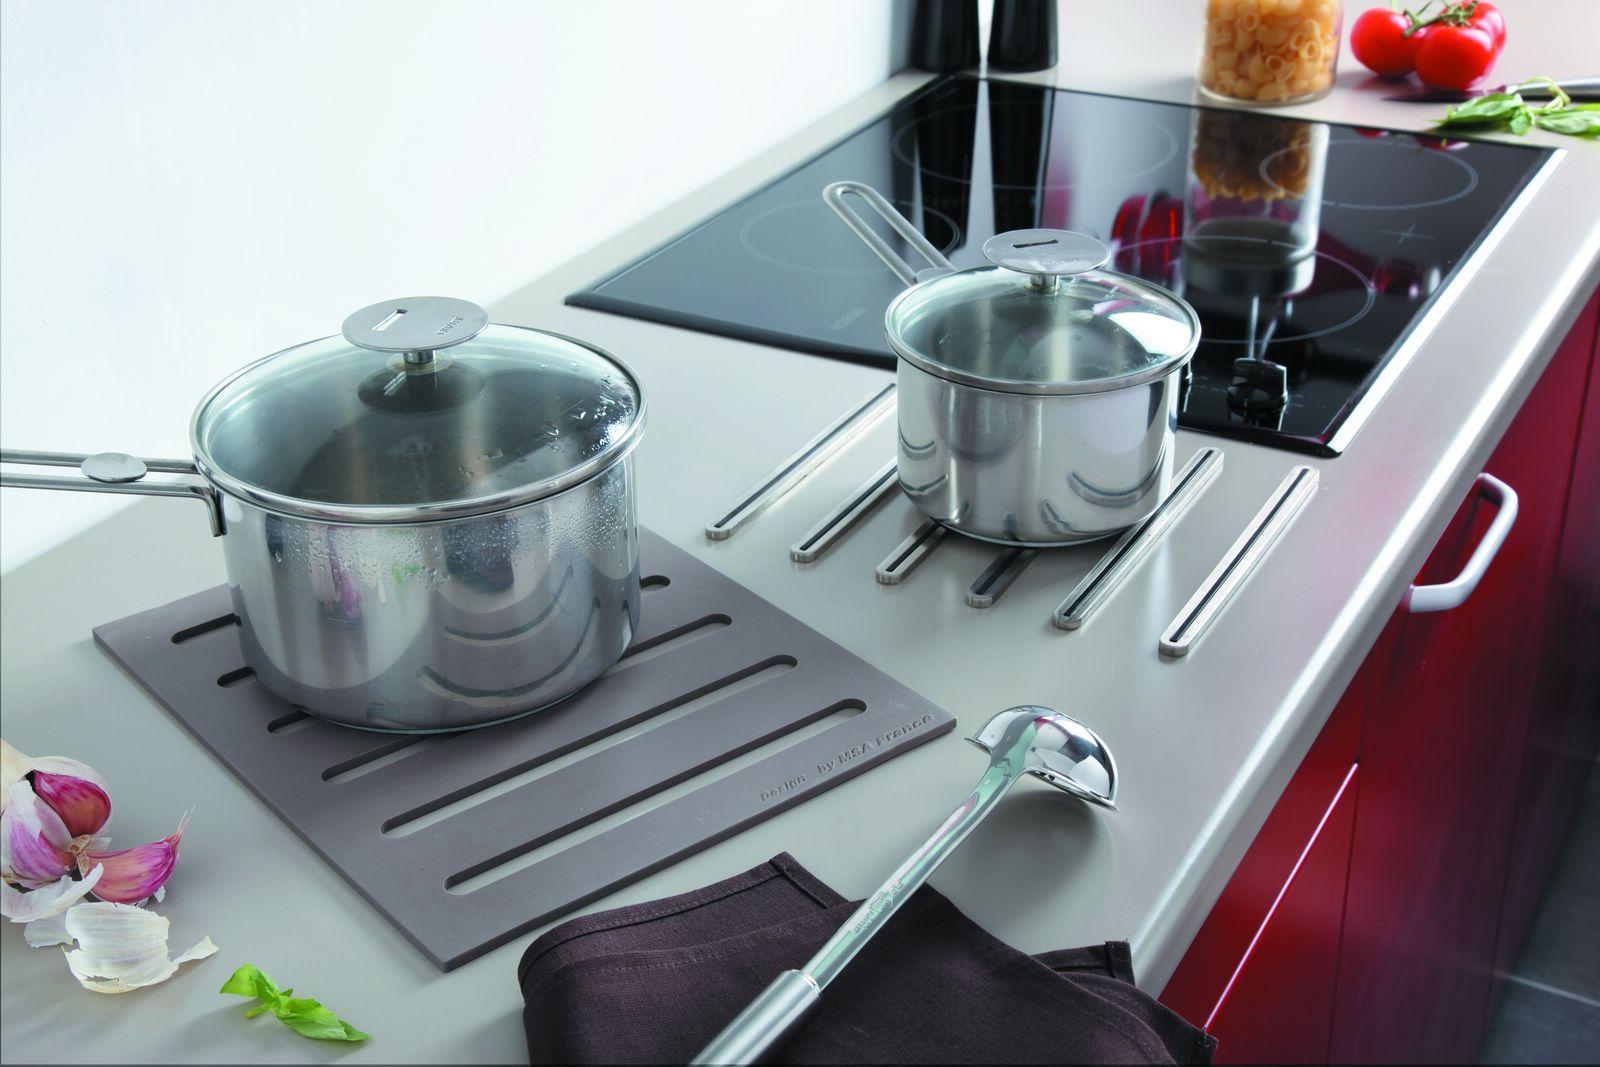 Plan De Travail Chrome kit 2 en 1 repose casserole + dessous de plat